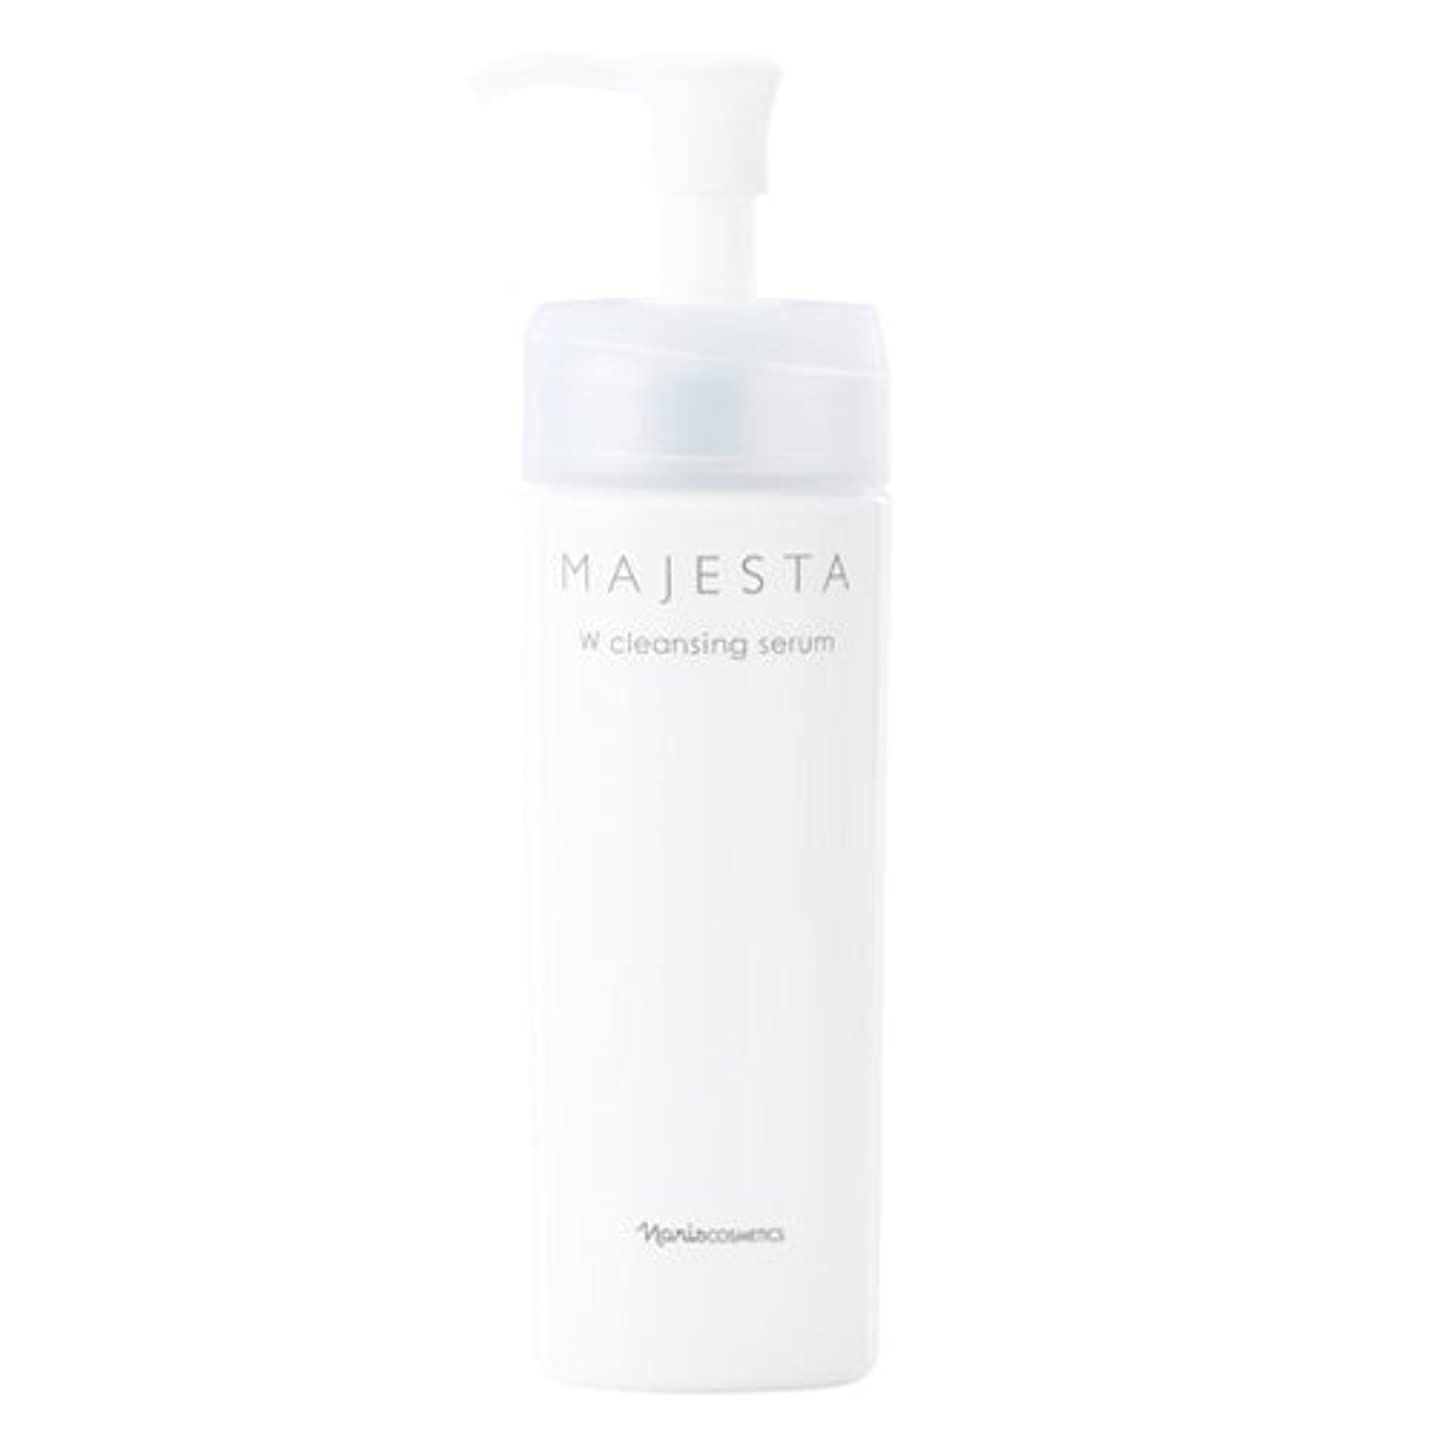 コークスシンポジウム軽減ナリス化粧品 マジェスタ Wクレンジングセラム(クレンジング?洗顔料)180mL